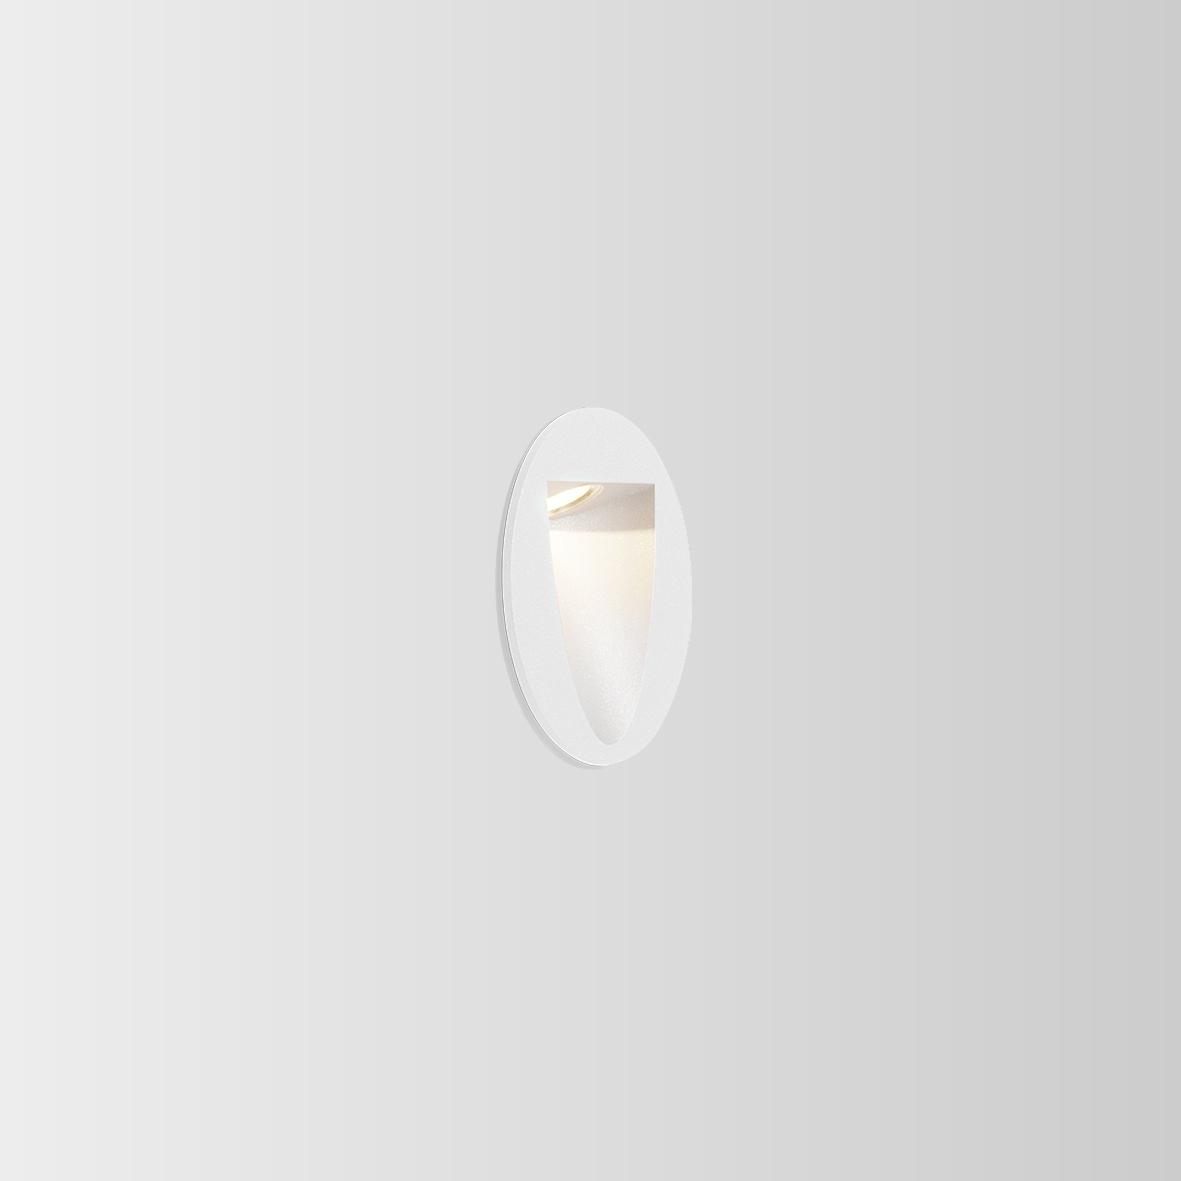 SMILE IN 1.0 LED 3000K 4/6W CRI>80, 280/370lm, 350-700mA, välisvalgusti süvistatud seina, valge